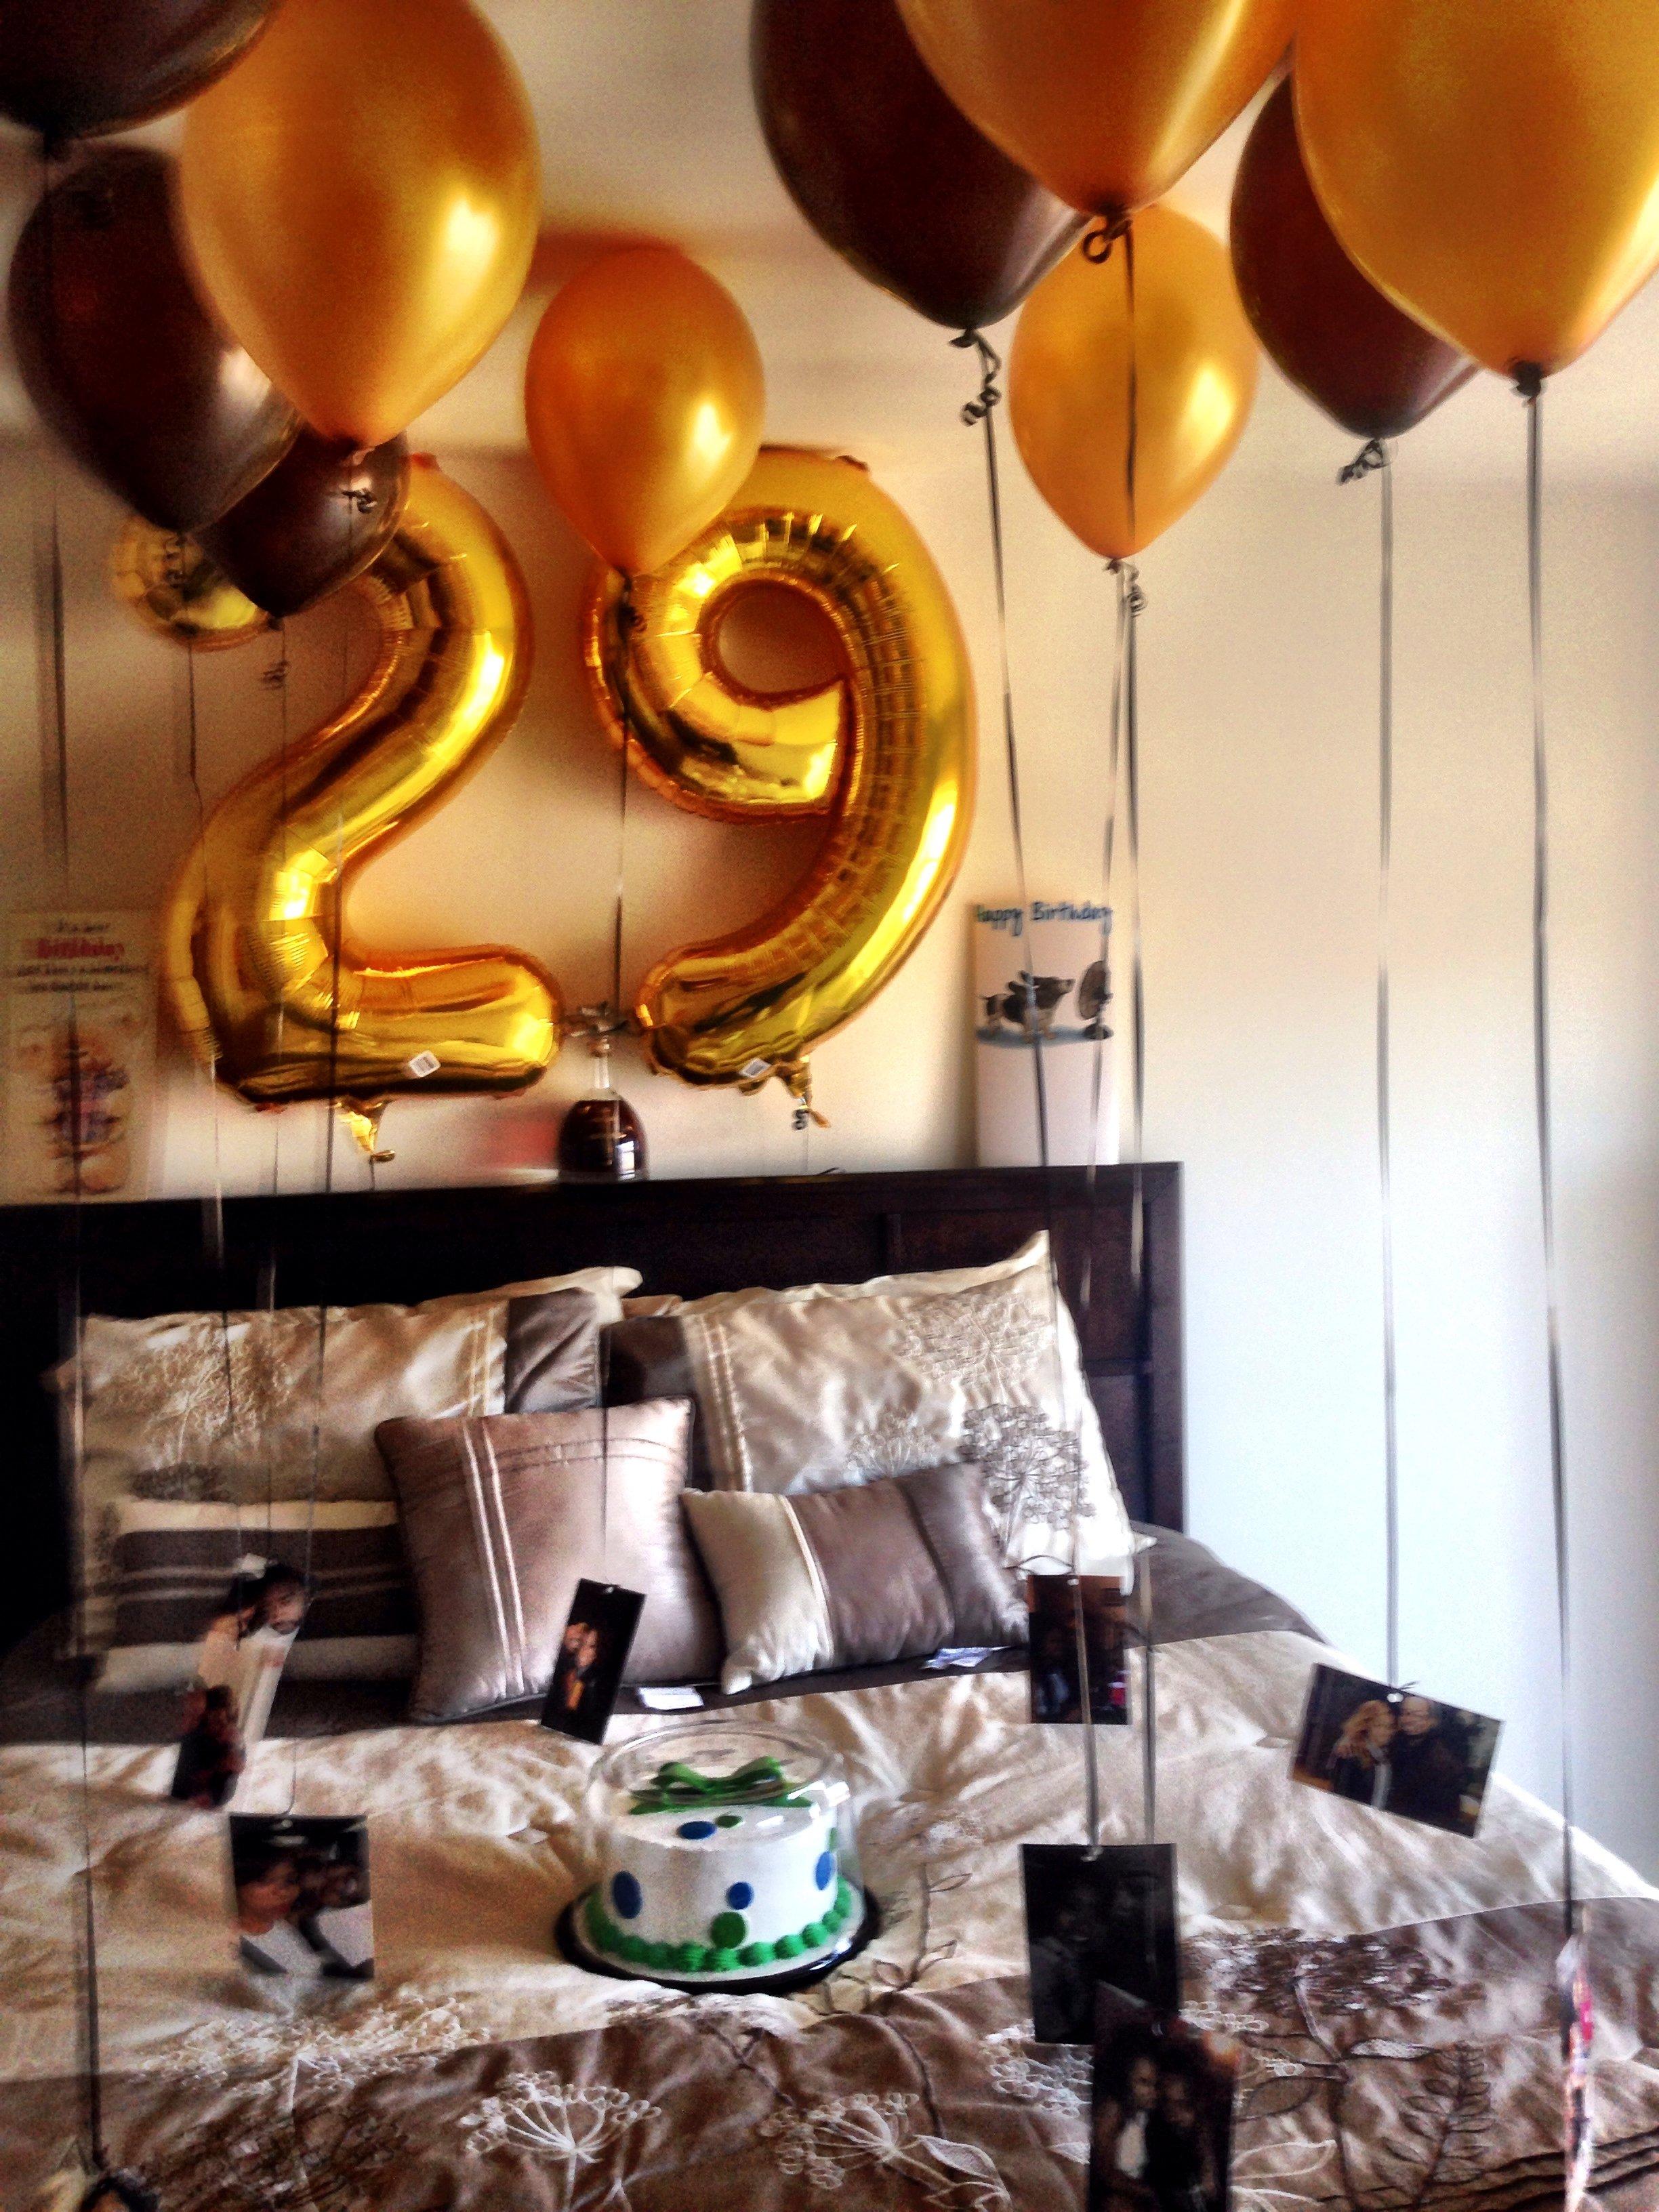 10 Stylish Surprise Birthday Ideas For Boyfriend Boyfriends Birthdays 4